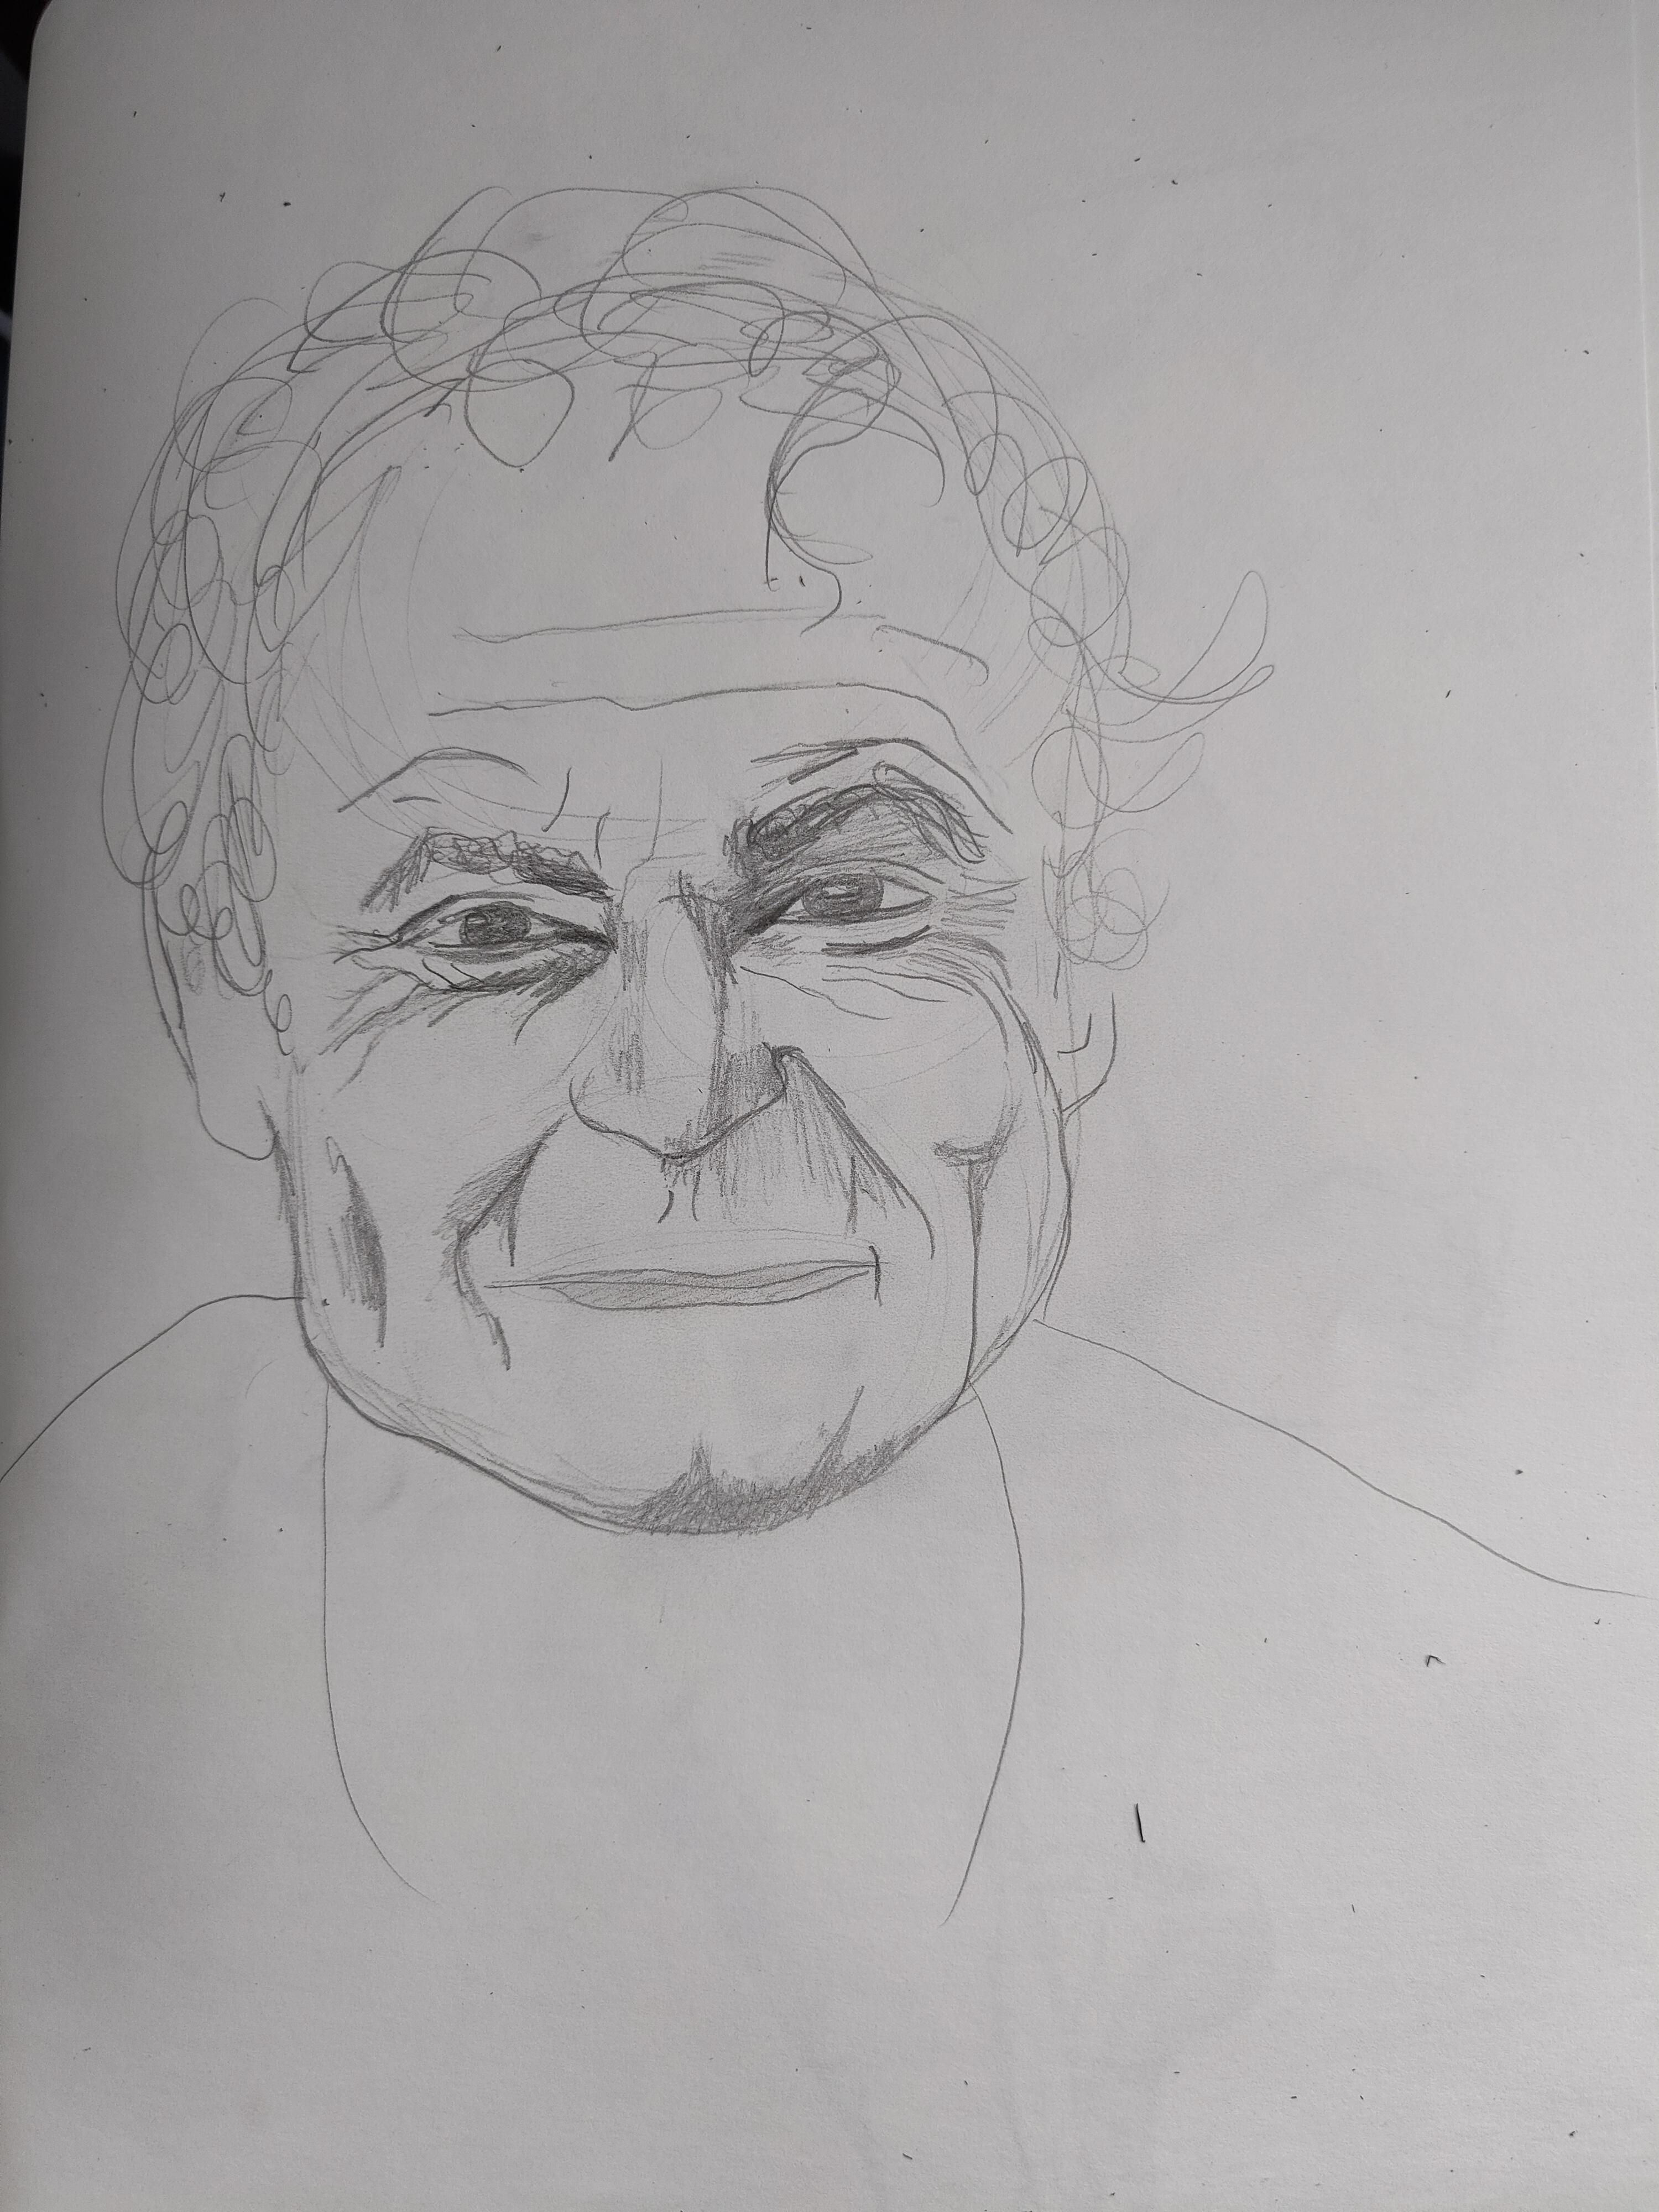 Portrait dessin homme de face graphique sur papier  cours de dessin